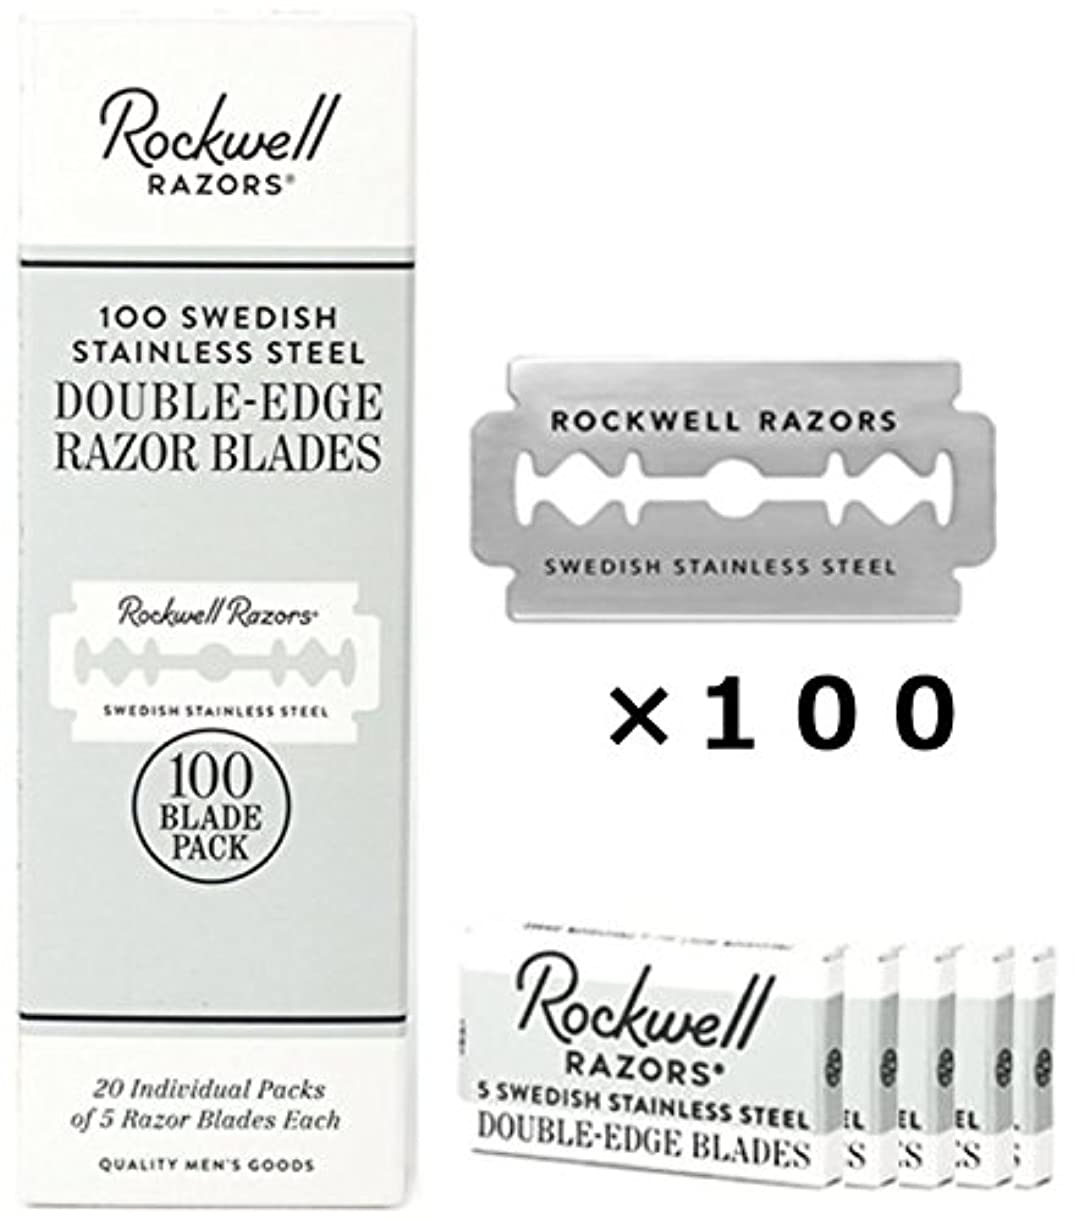 悲観主義者同情的寸前ロックウェル 両刃 替刃 100枚 (5枚入×20個) セット スウェーデン製 お買い得 パック Rockwell Razors